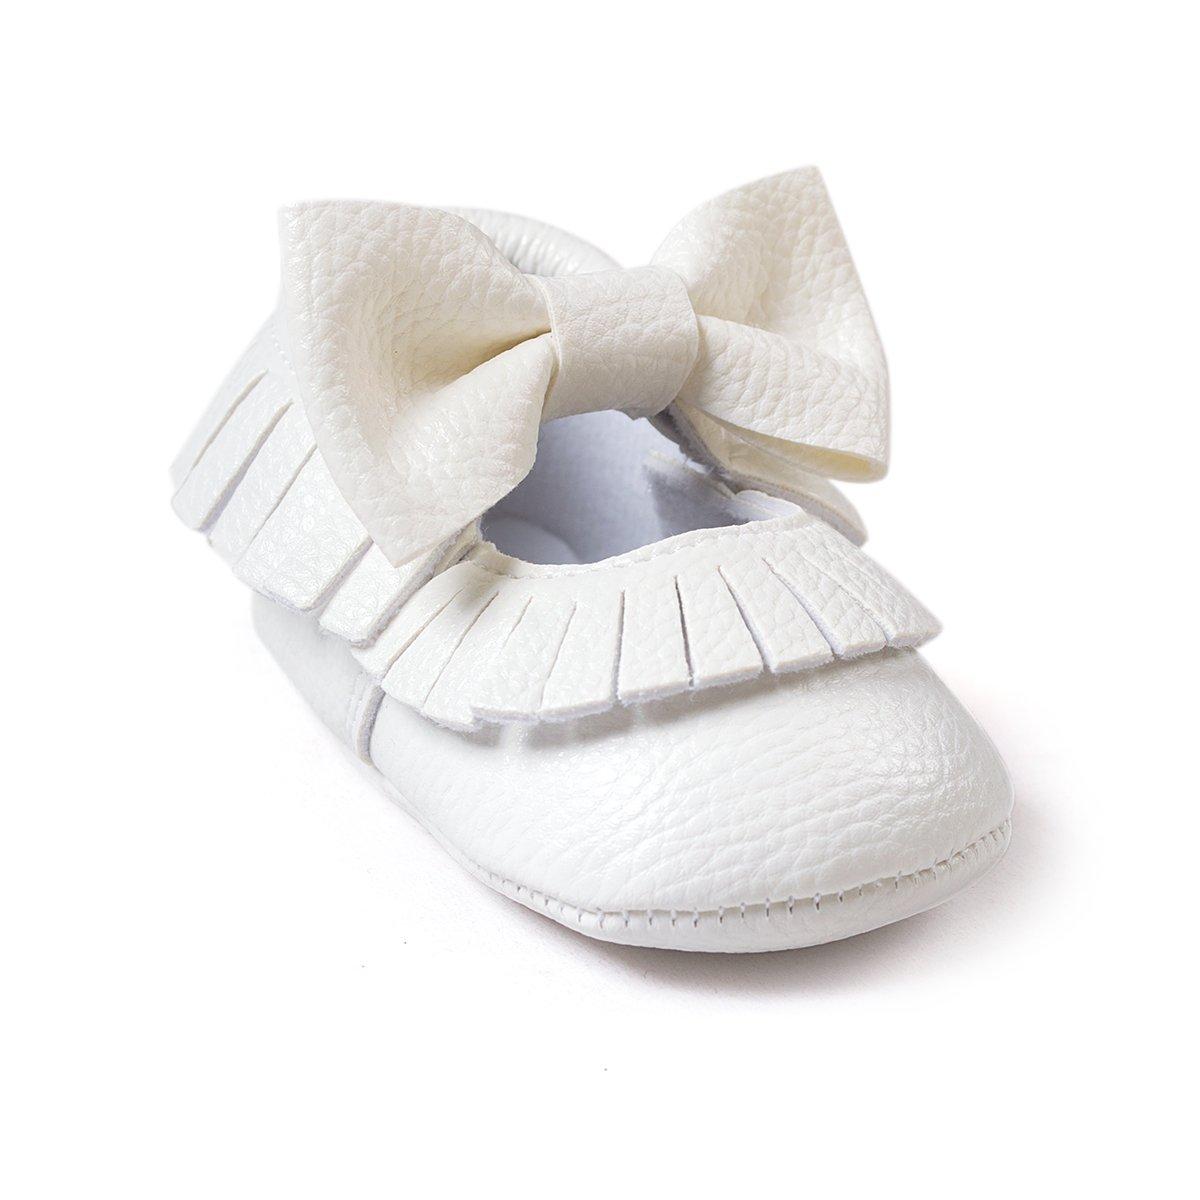 Isbasic Baby Girls Mary Jane Shoes Toddler Soft Sole Anti-Slip Princess Baptism Crib Dress Shoes